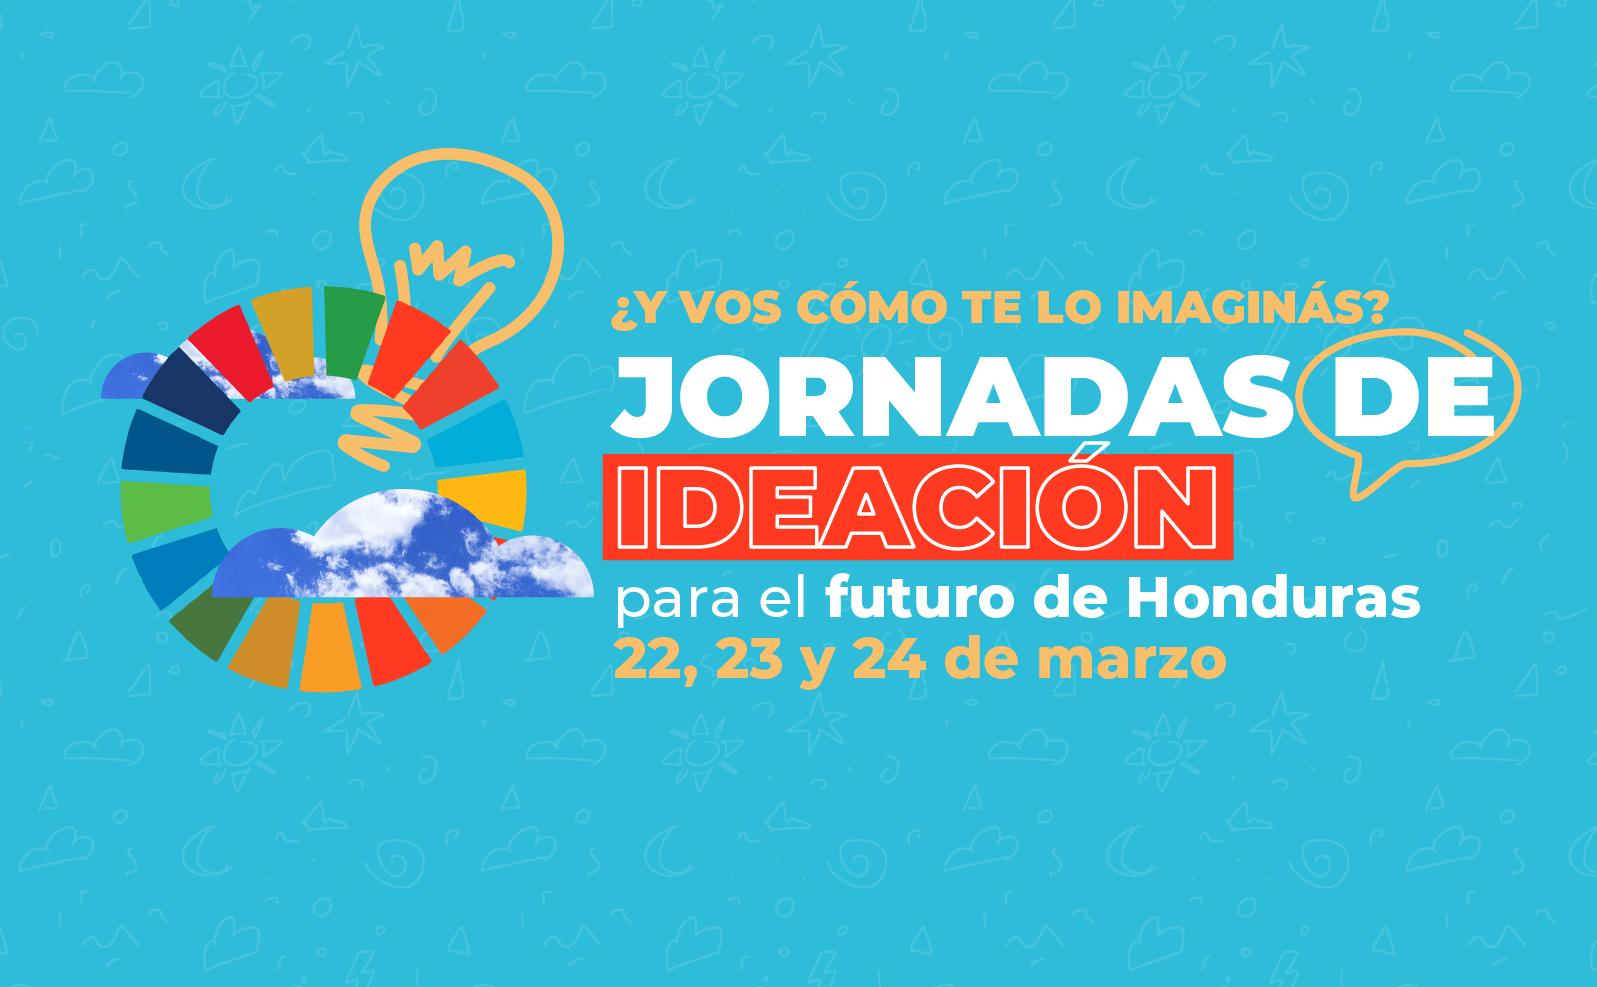 Jornadas de Ideación para el Futuro de Honduras